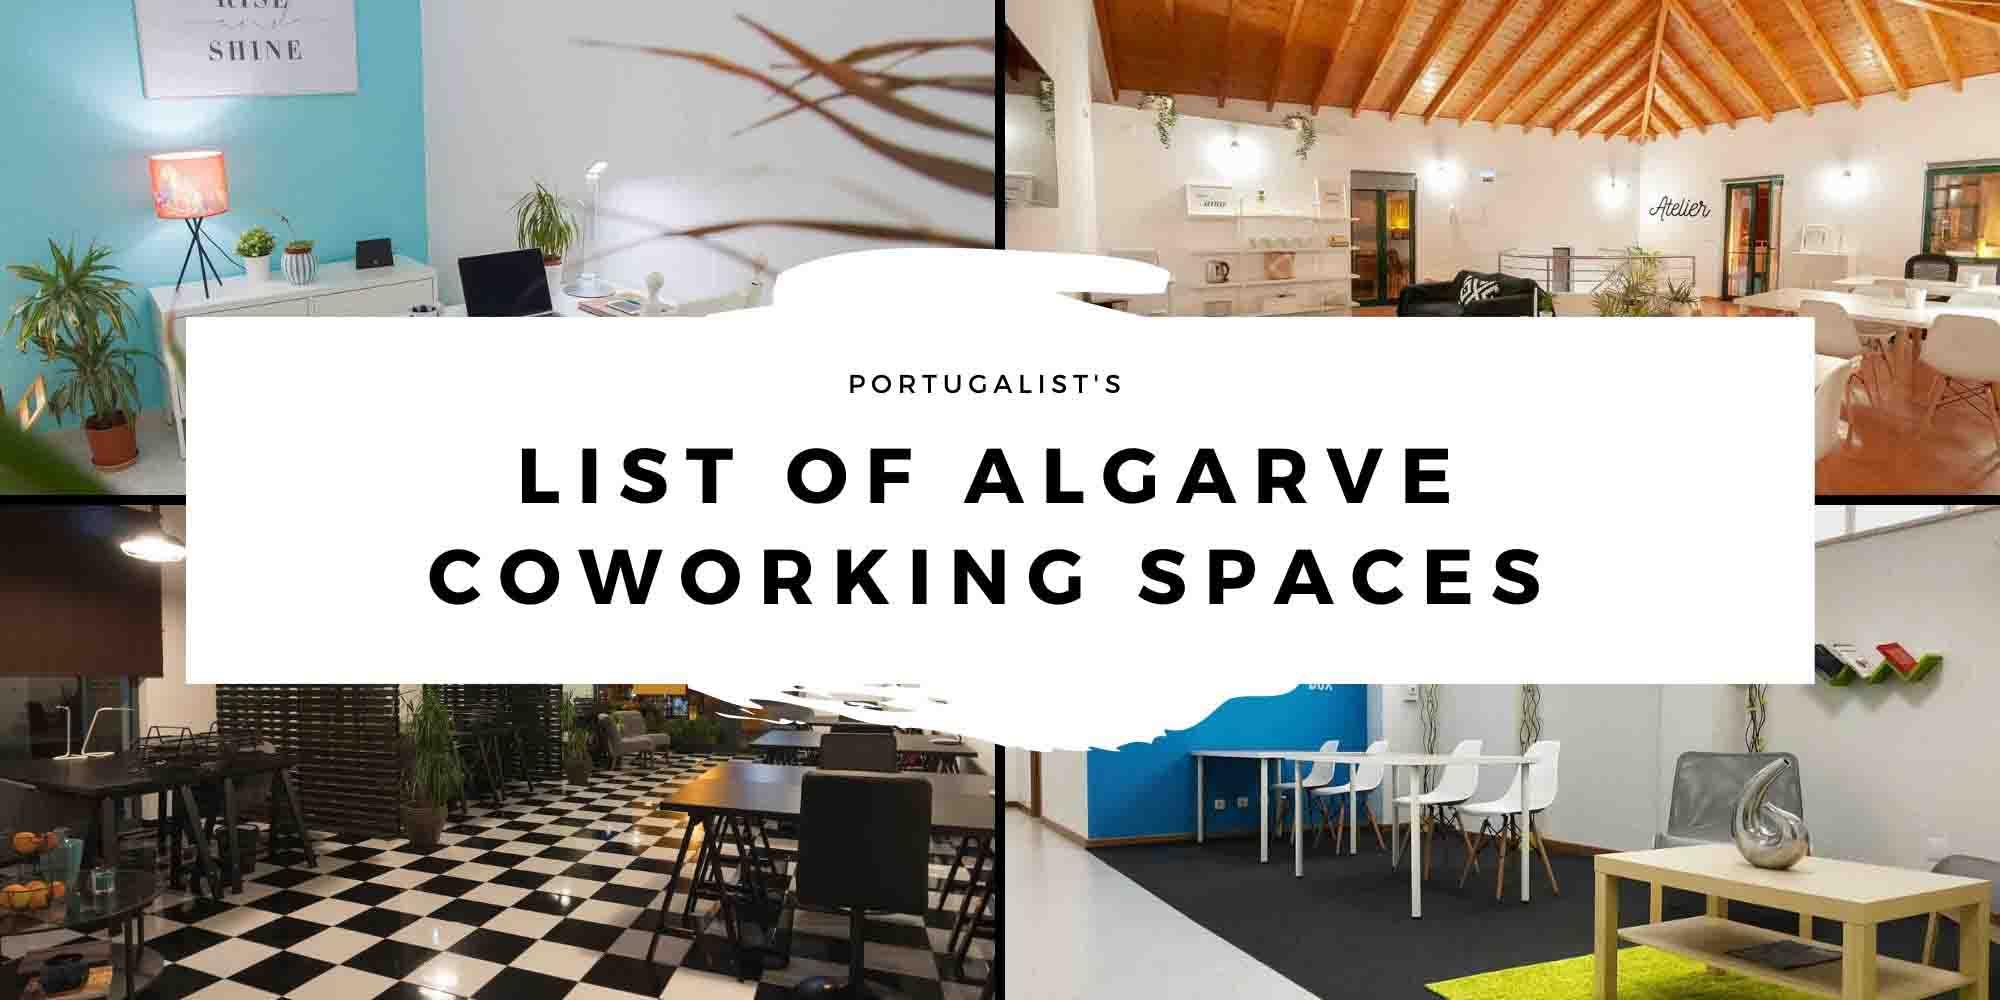 Algarve Coworking Spaces header